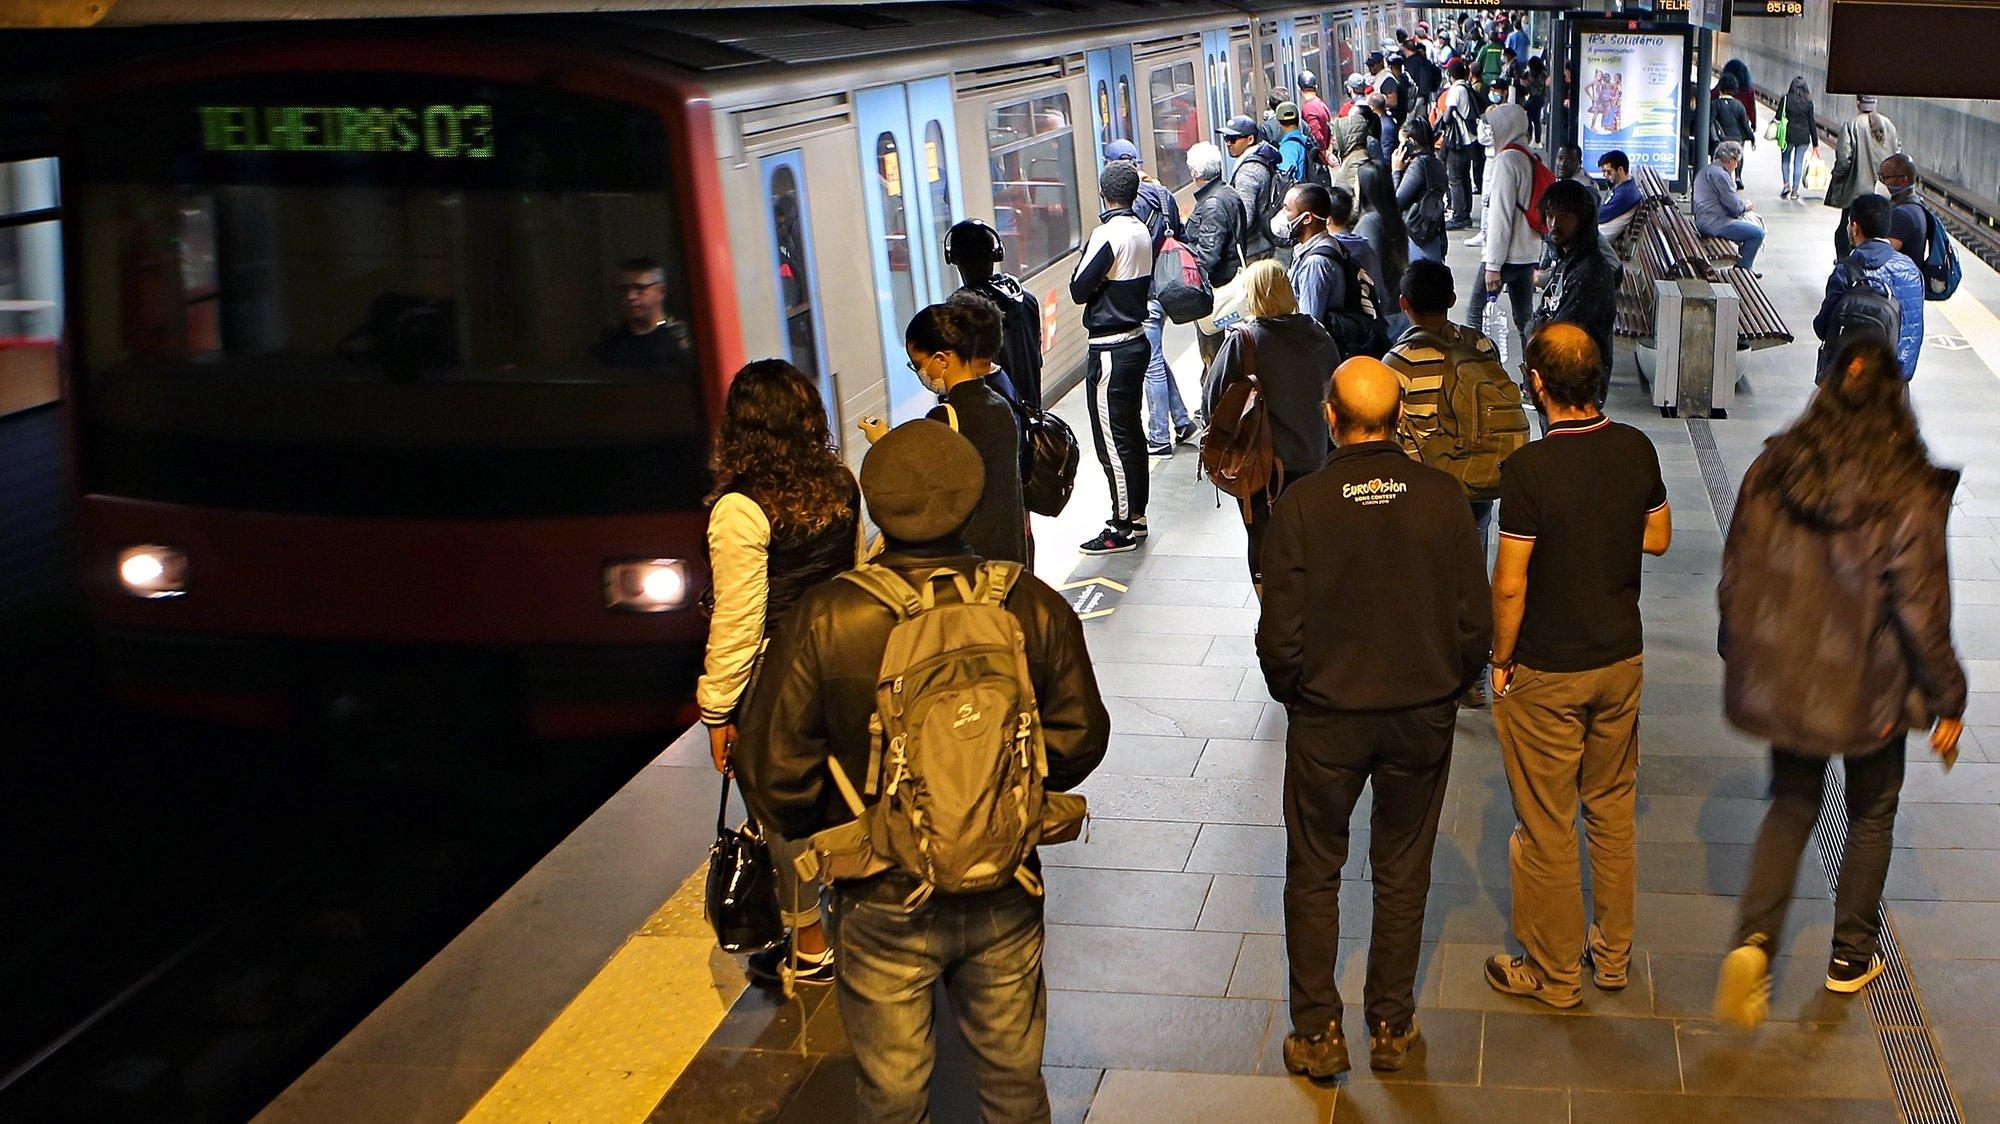 Passageiros do metro de Lisboa na estação do Cais do Sodré, em Lisboa, 29 de abril de 2020. O decreto-lei que regulamenta a aplicação do estado de emergência até dia 02 de maio, define que o número máximo de passageiros por transporte deve ser reduzido para um terço do número máximo de lugares disponíveis, por forma a garantir a distância adequada entre os utentes dos transportes. ANTÓNIO PEDRO SANTOS/LUSA